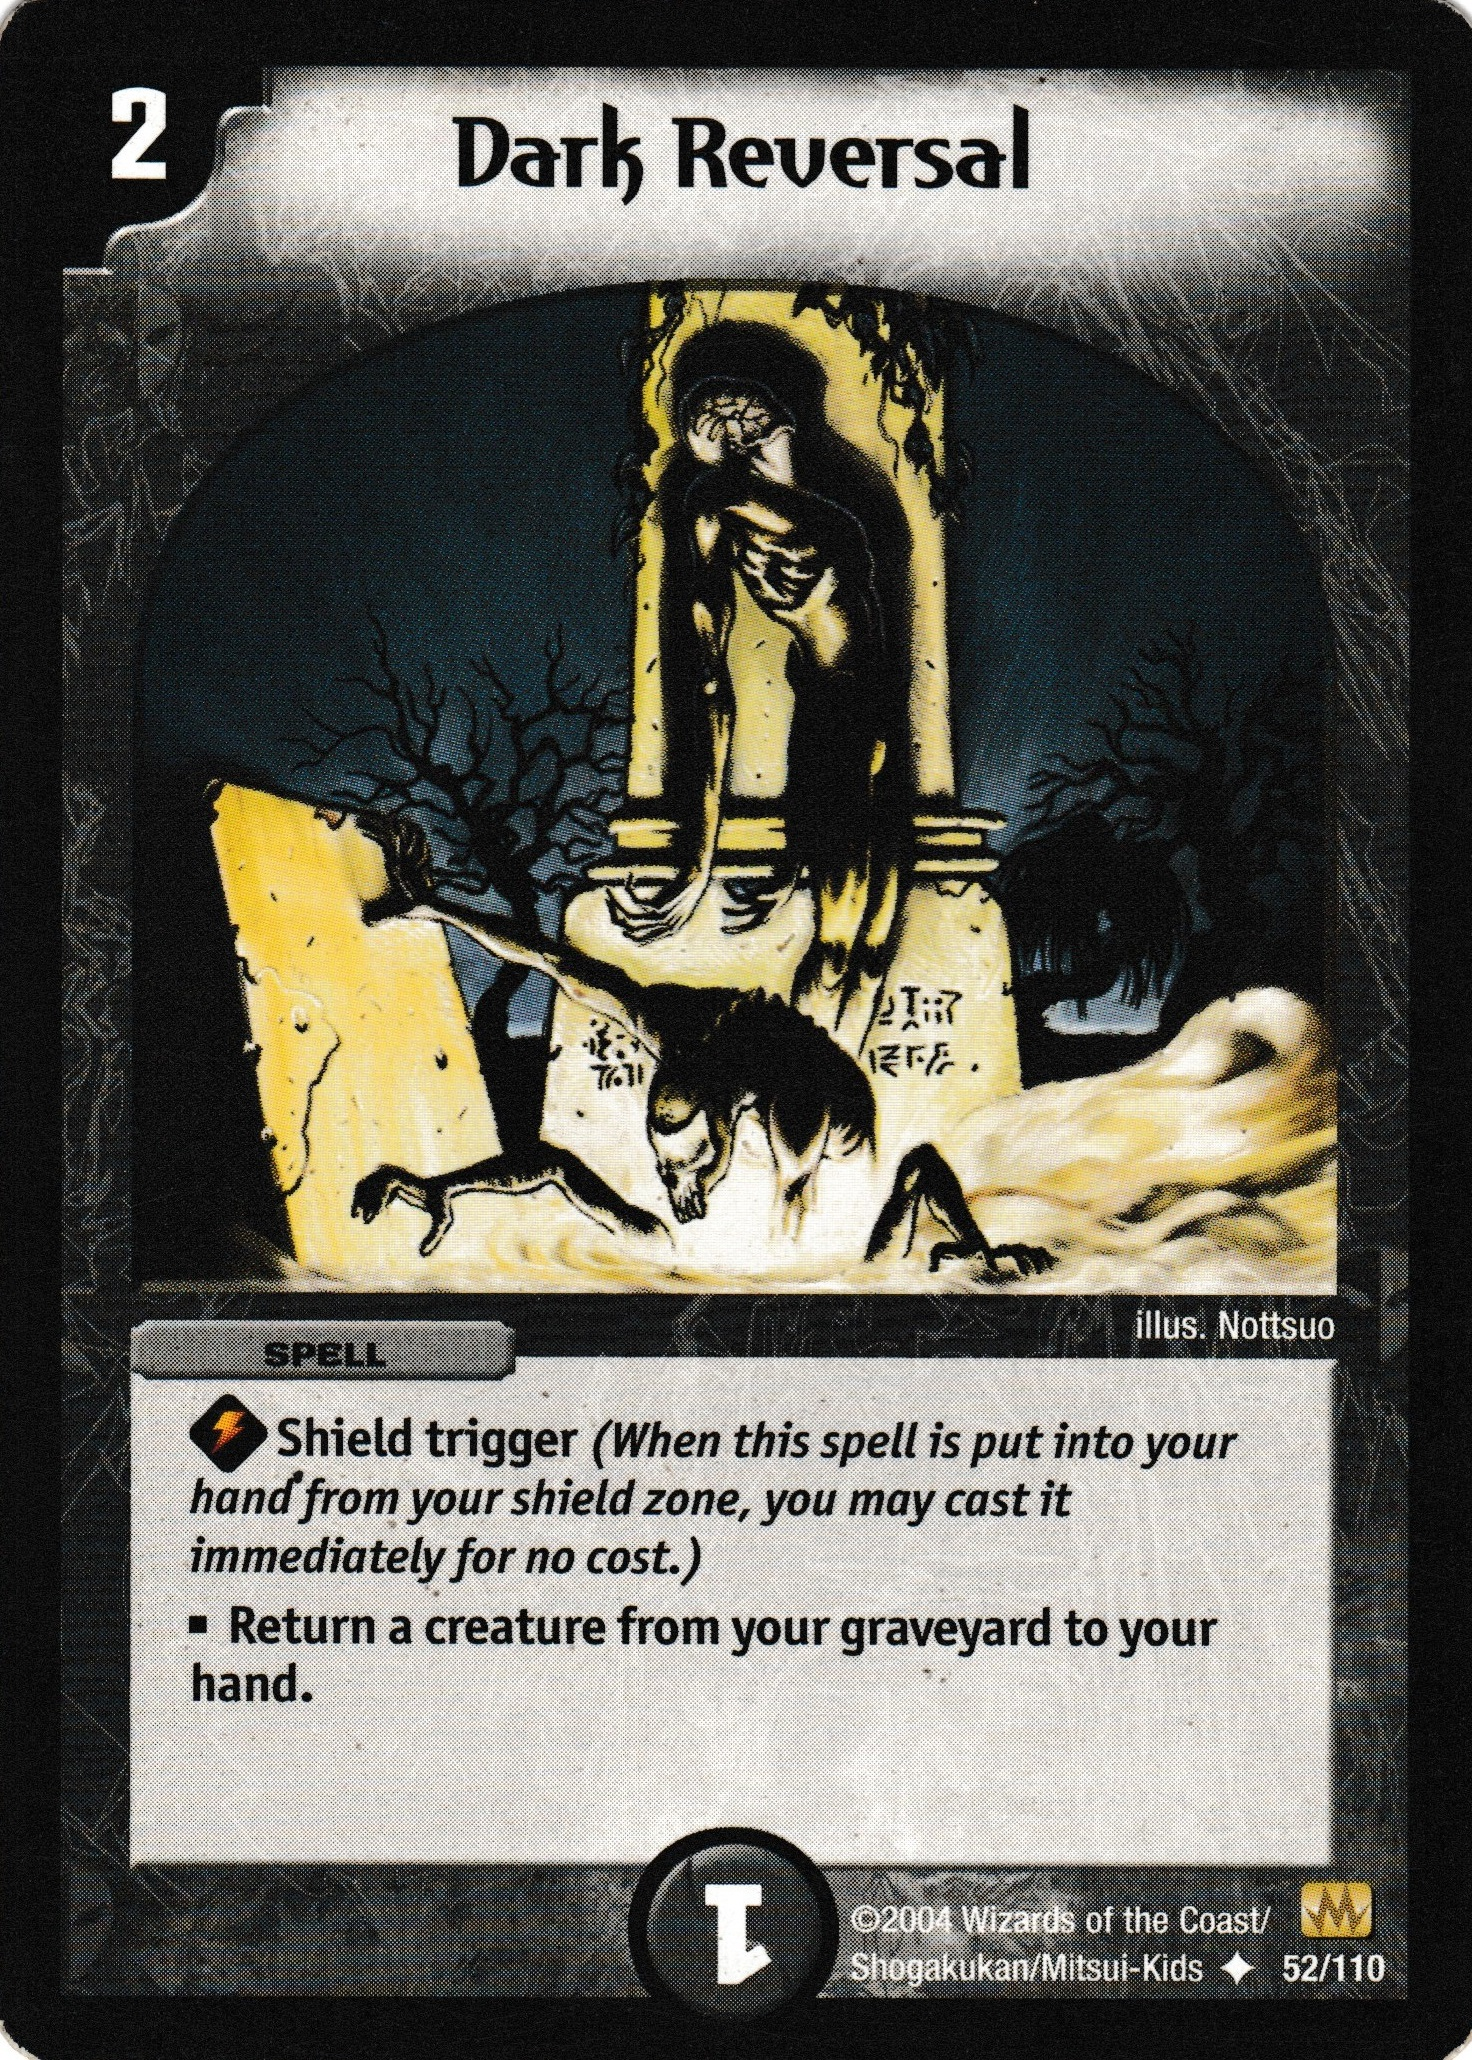 DarkReversal